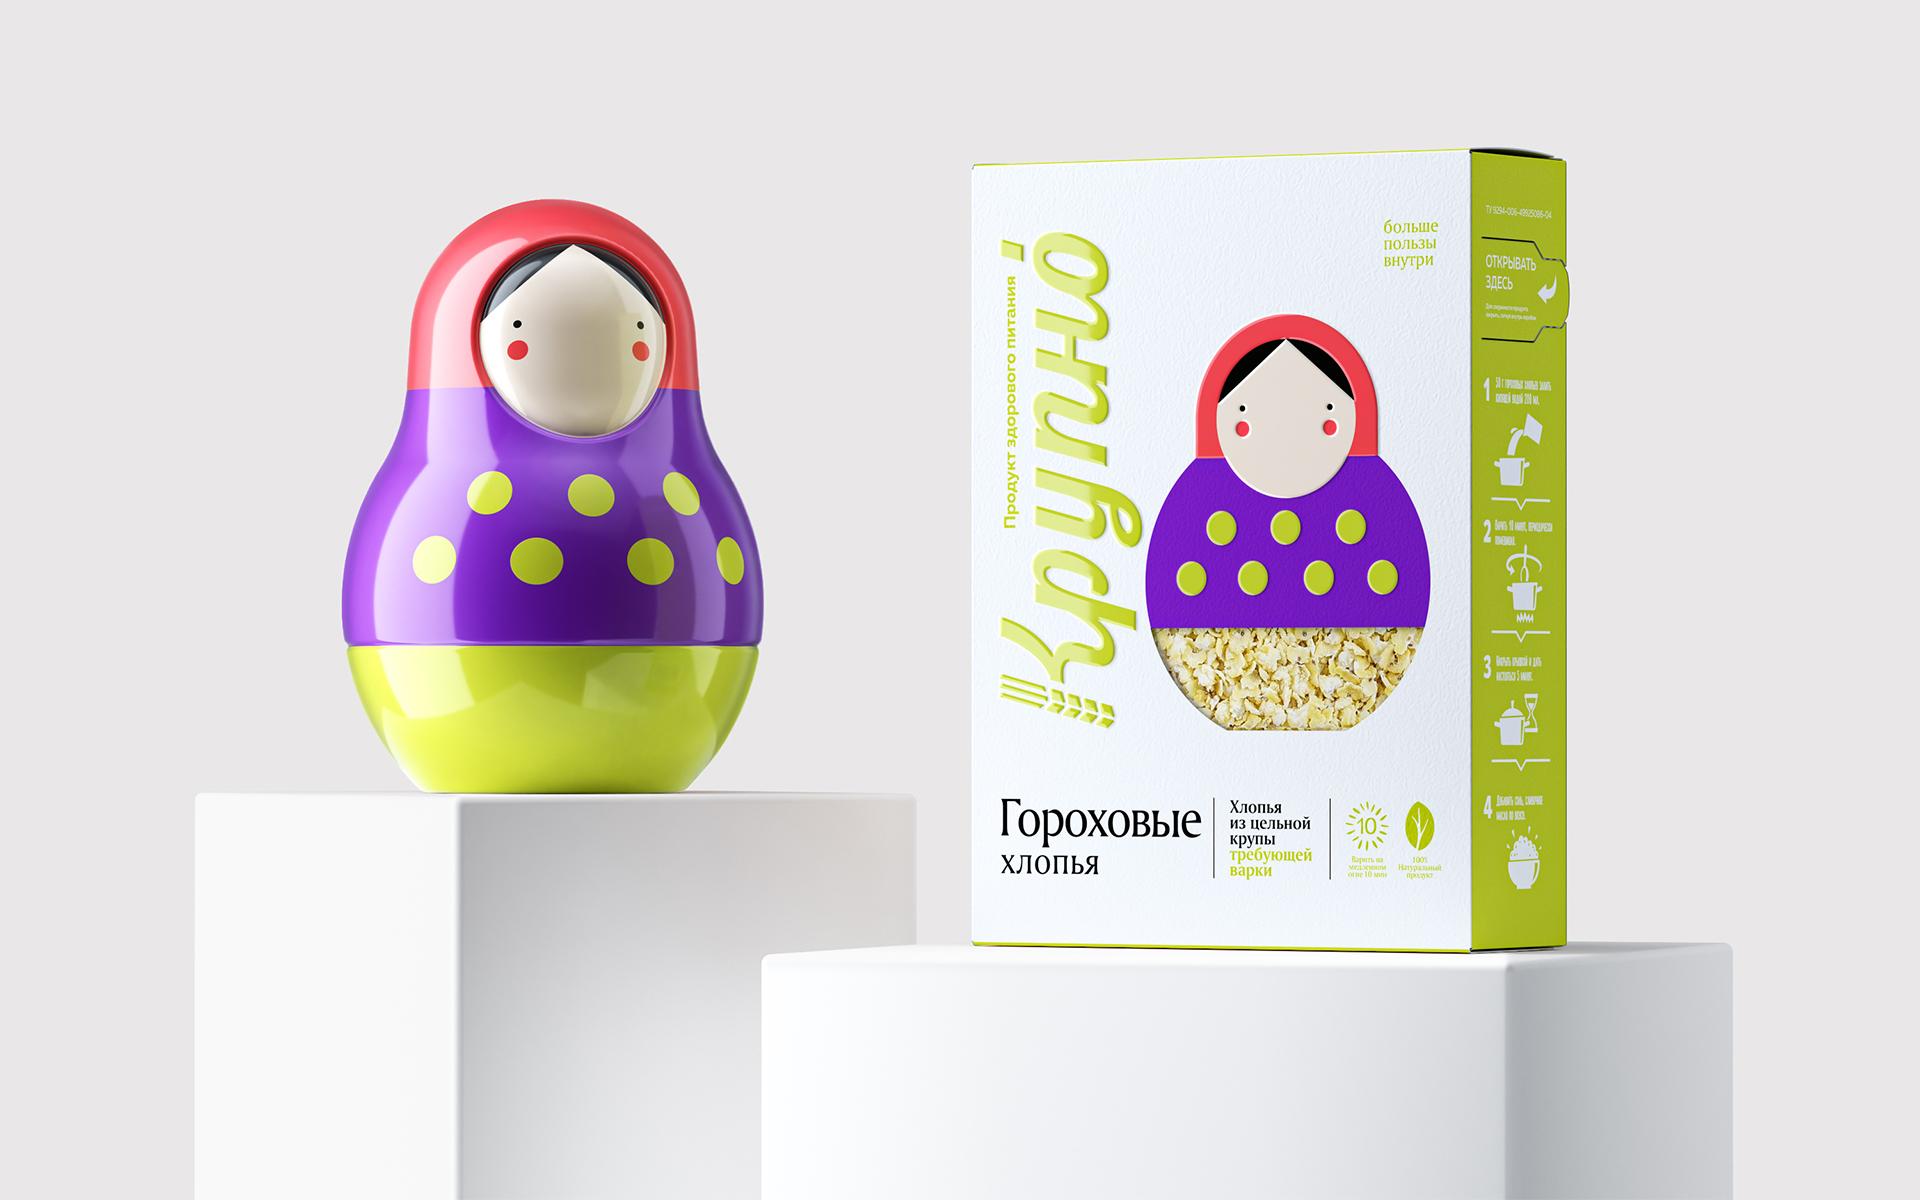 Supermarket Branding Agency Rebranded Krupno Ready-Cooked Porridge